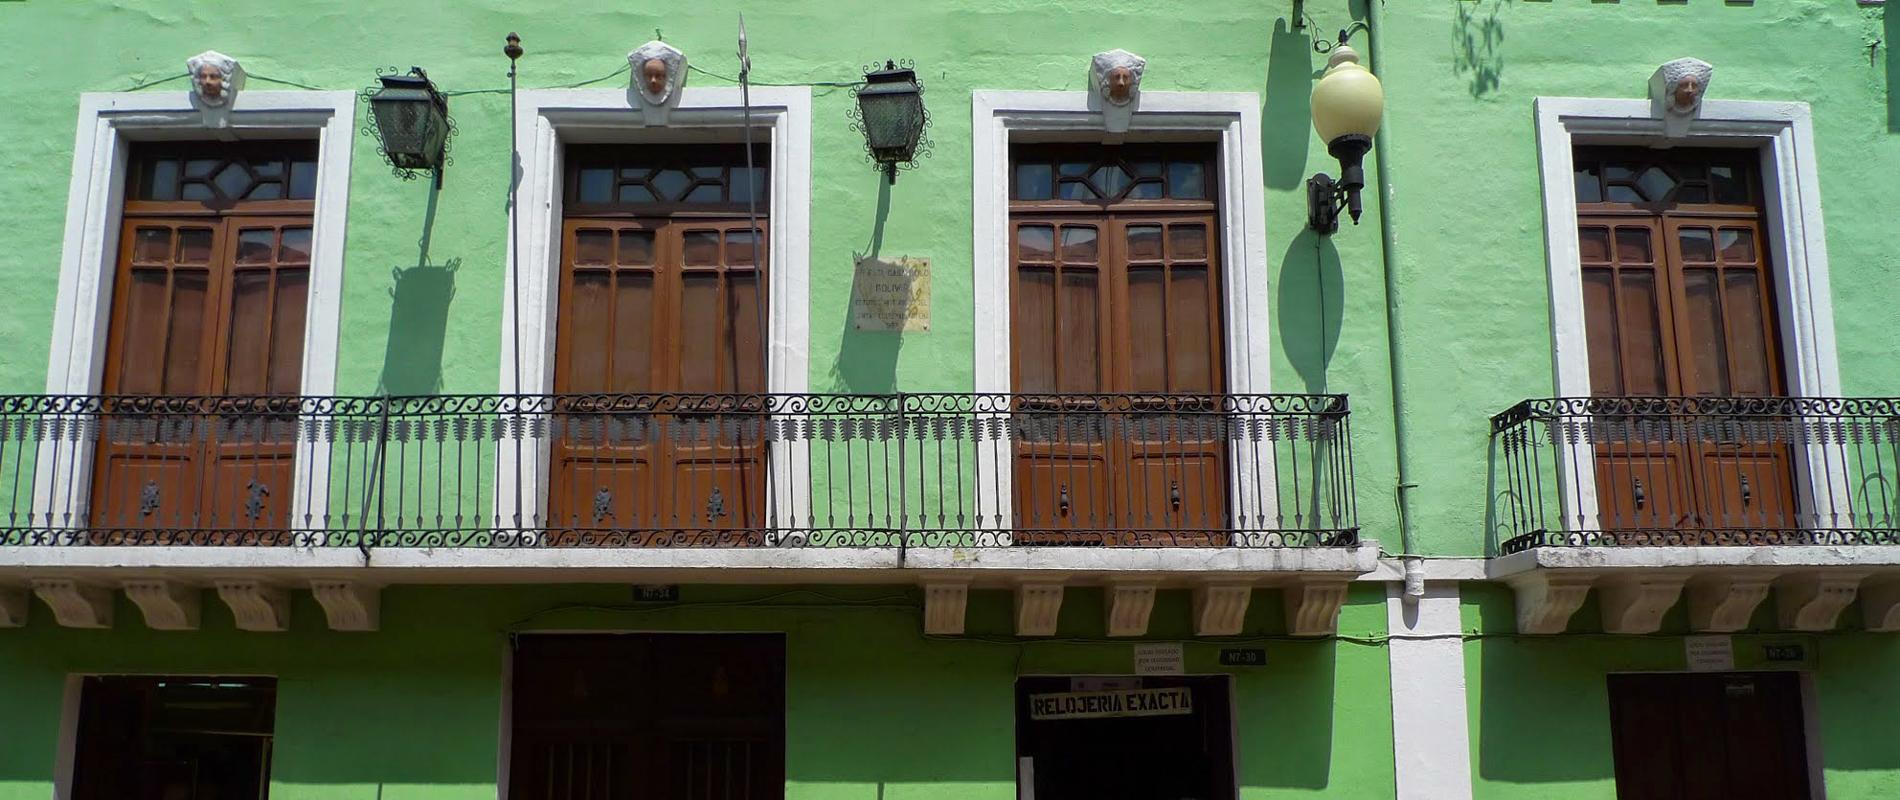 Équateur | Maisons coloniales de Quito